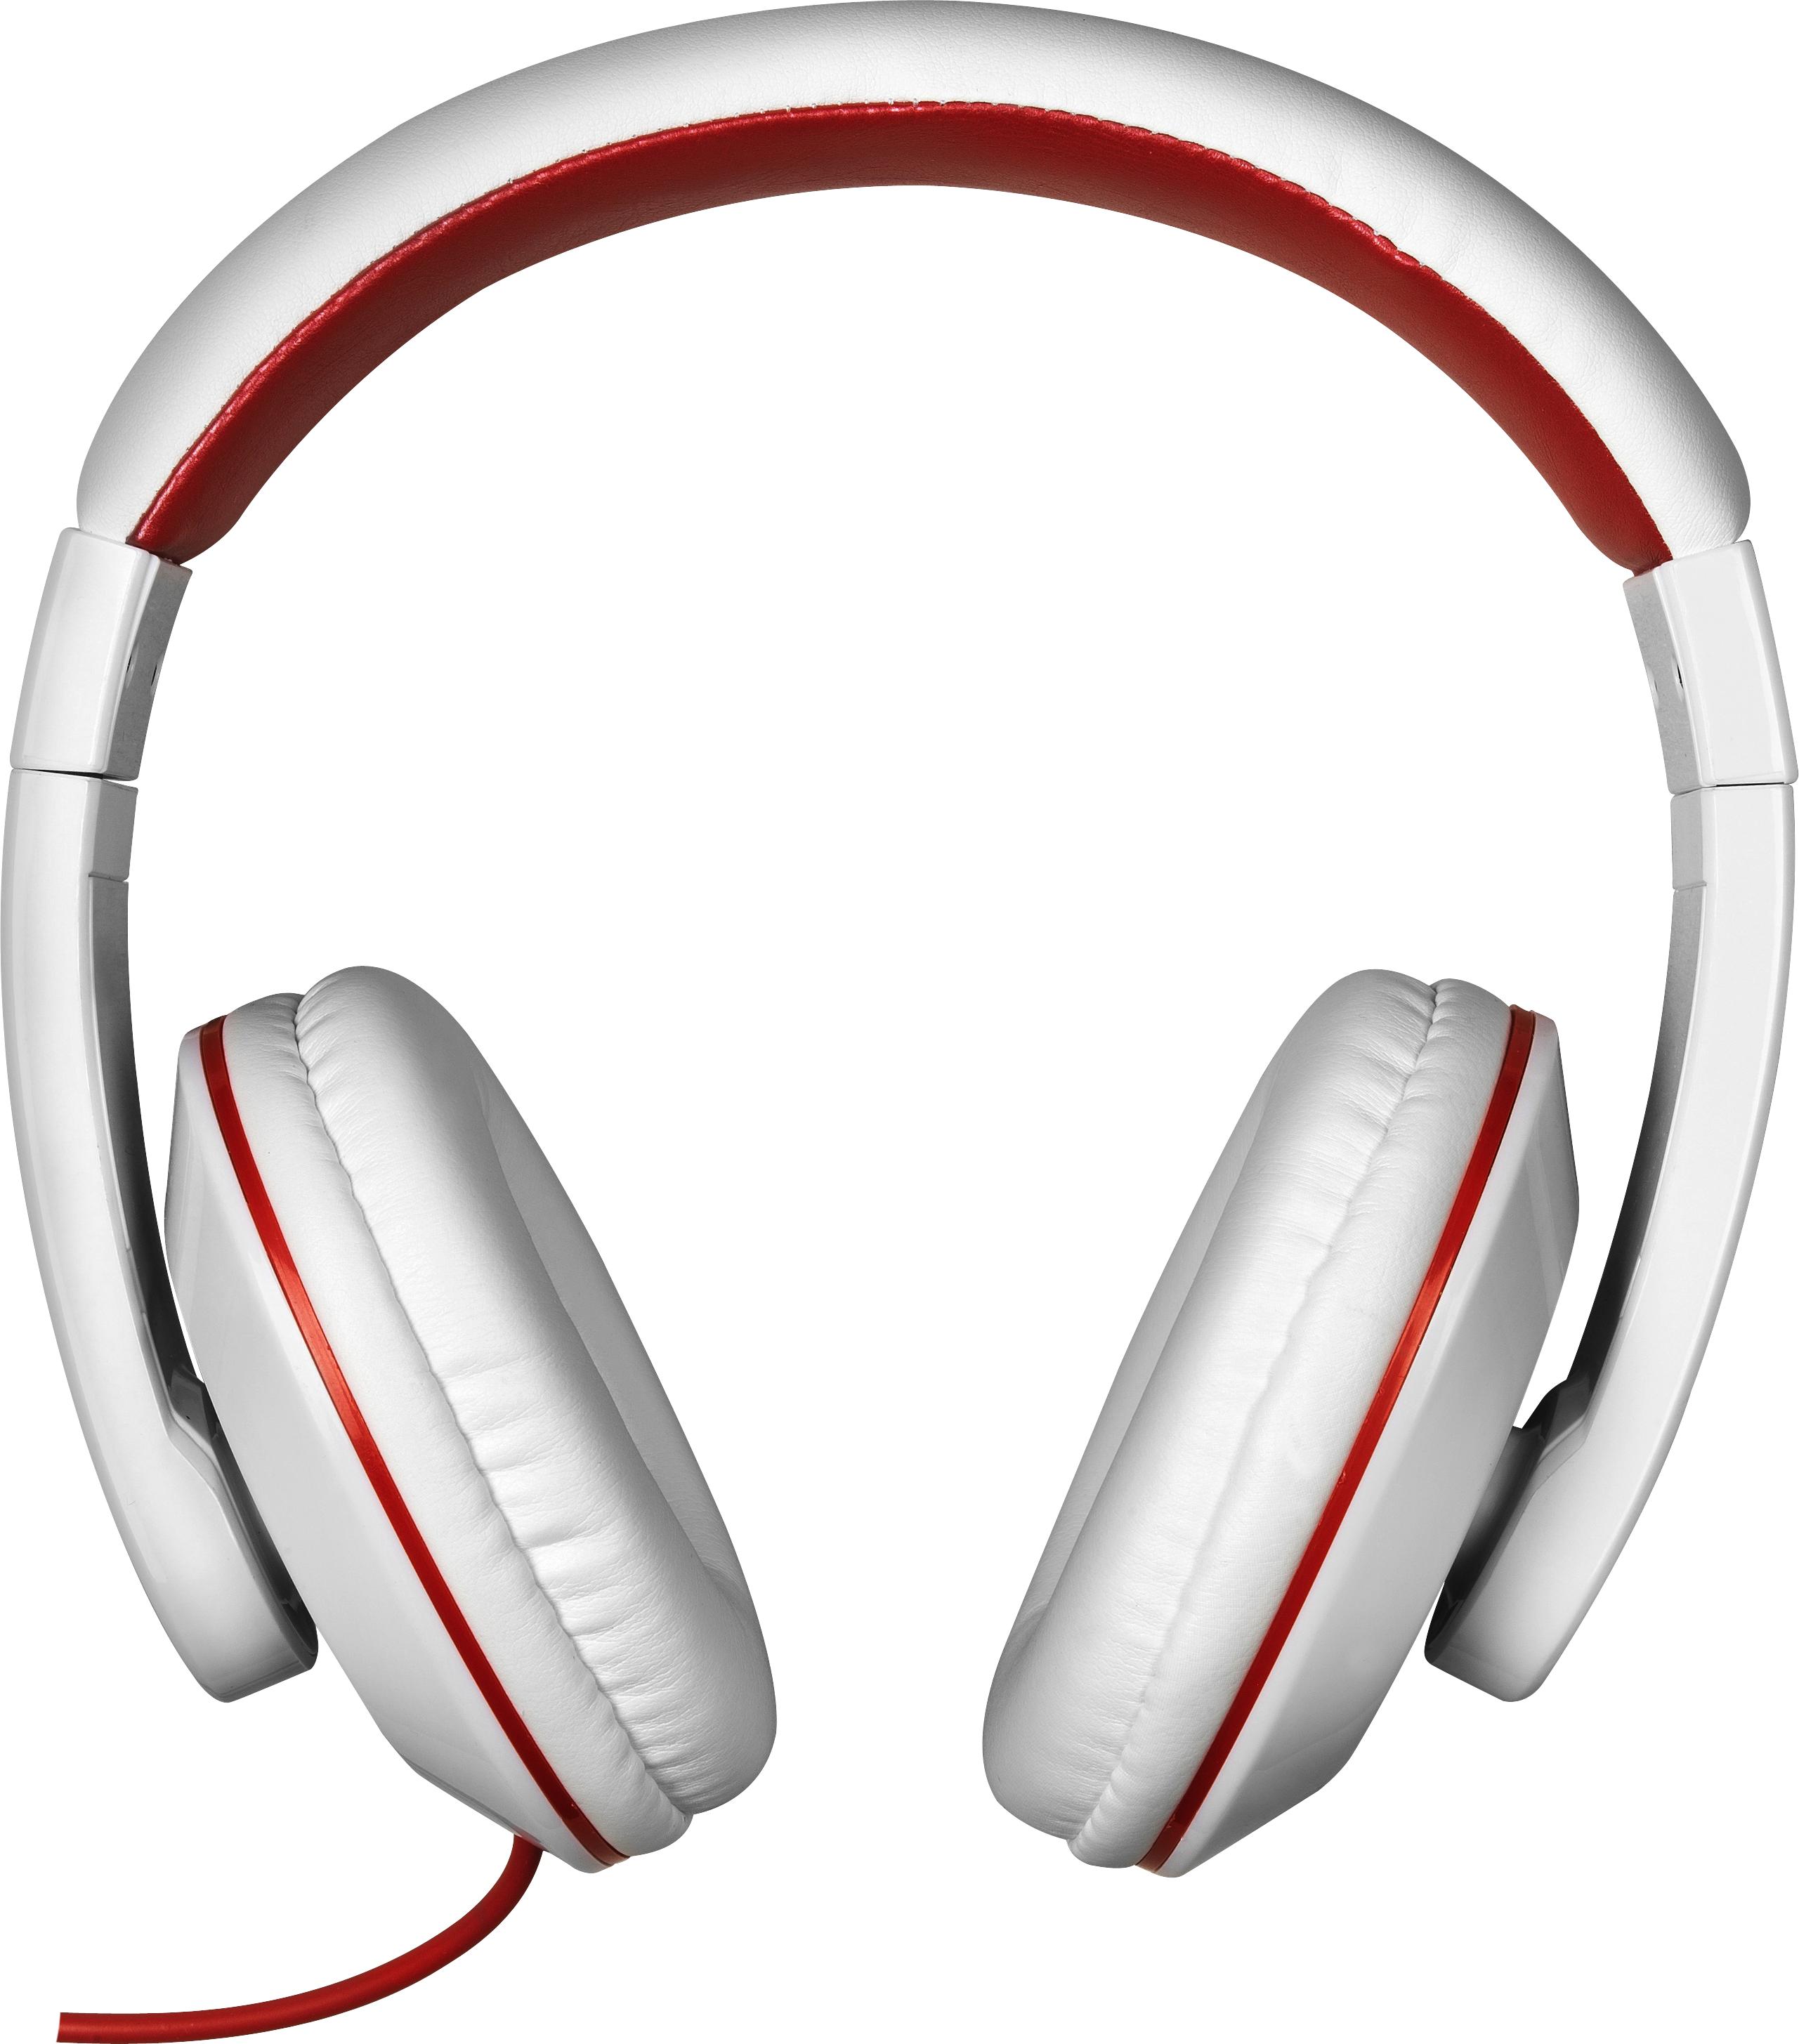 Headphones PNG - 901